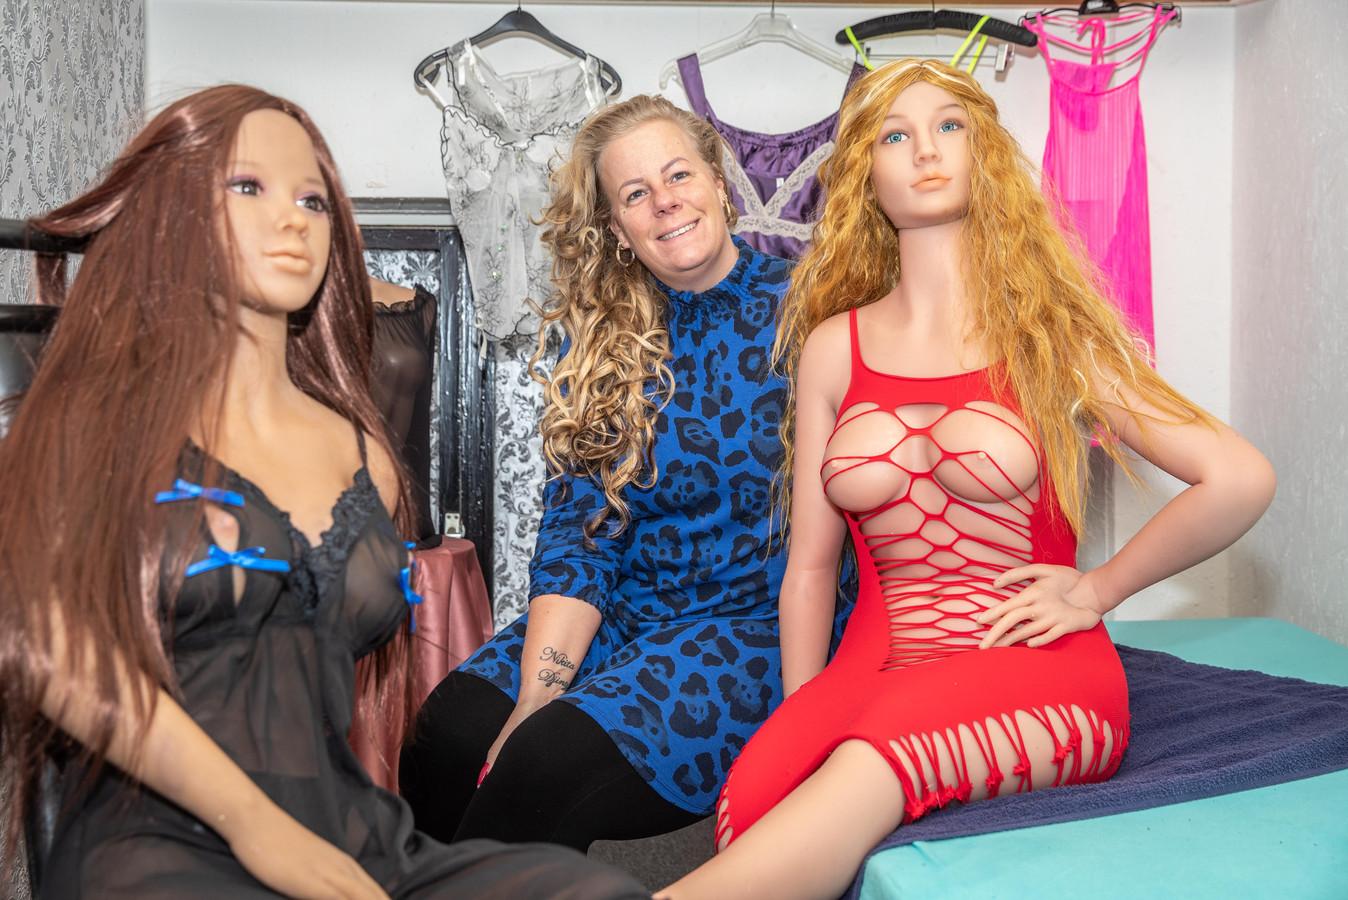 Een kleine tegenslag voor Priscilla van Limbeek, de eigenaar van privéhuis Zwols Pleziertje. Een half jaar nadat ze de poppenkamer opende blijken de dames al afgeschreven.